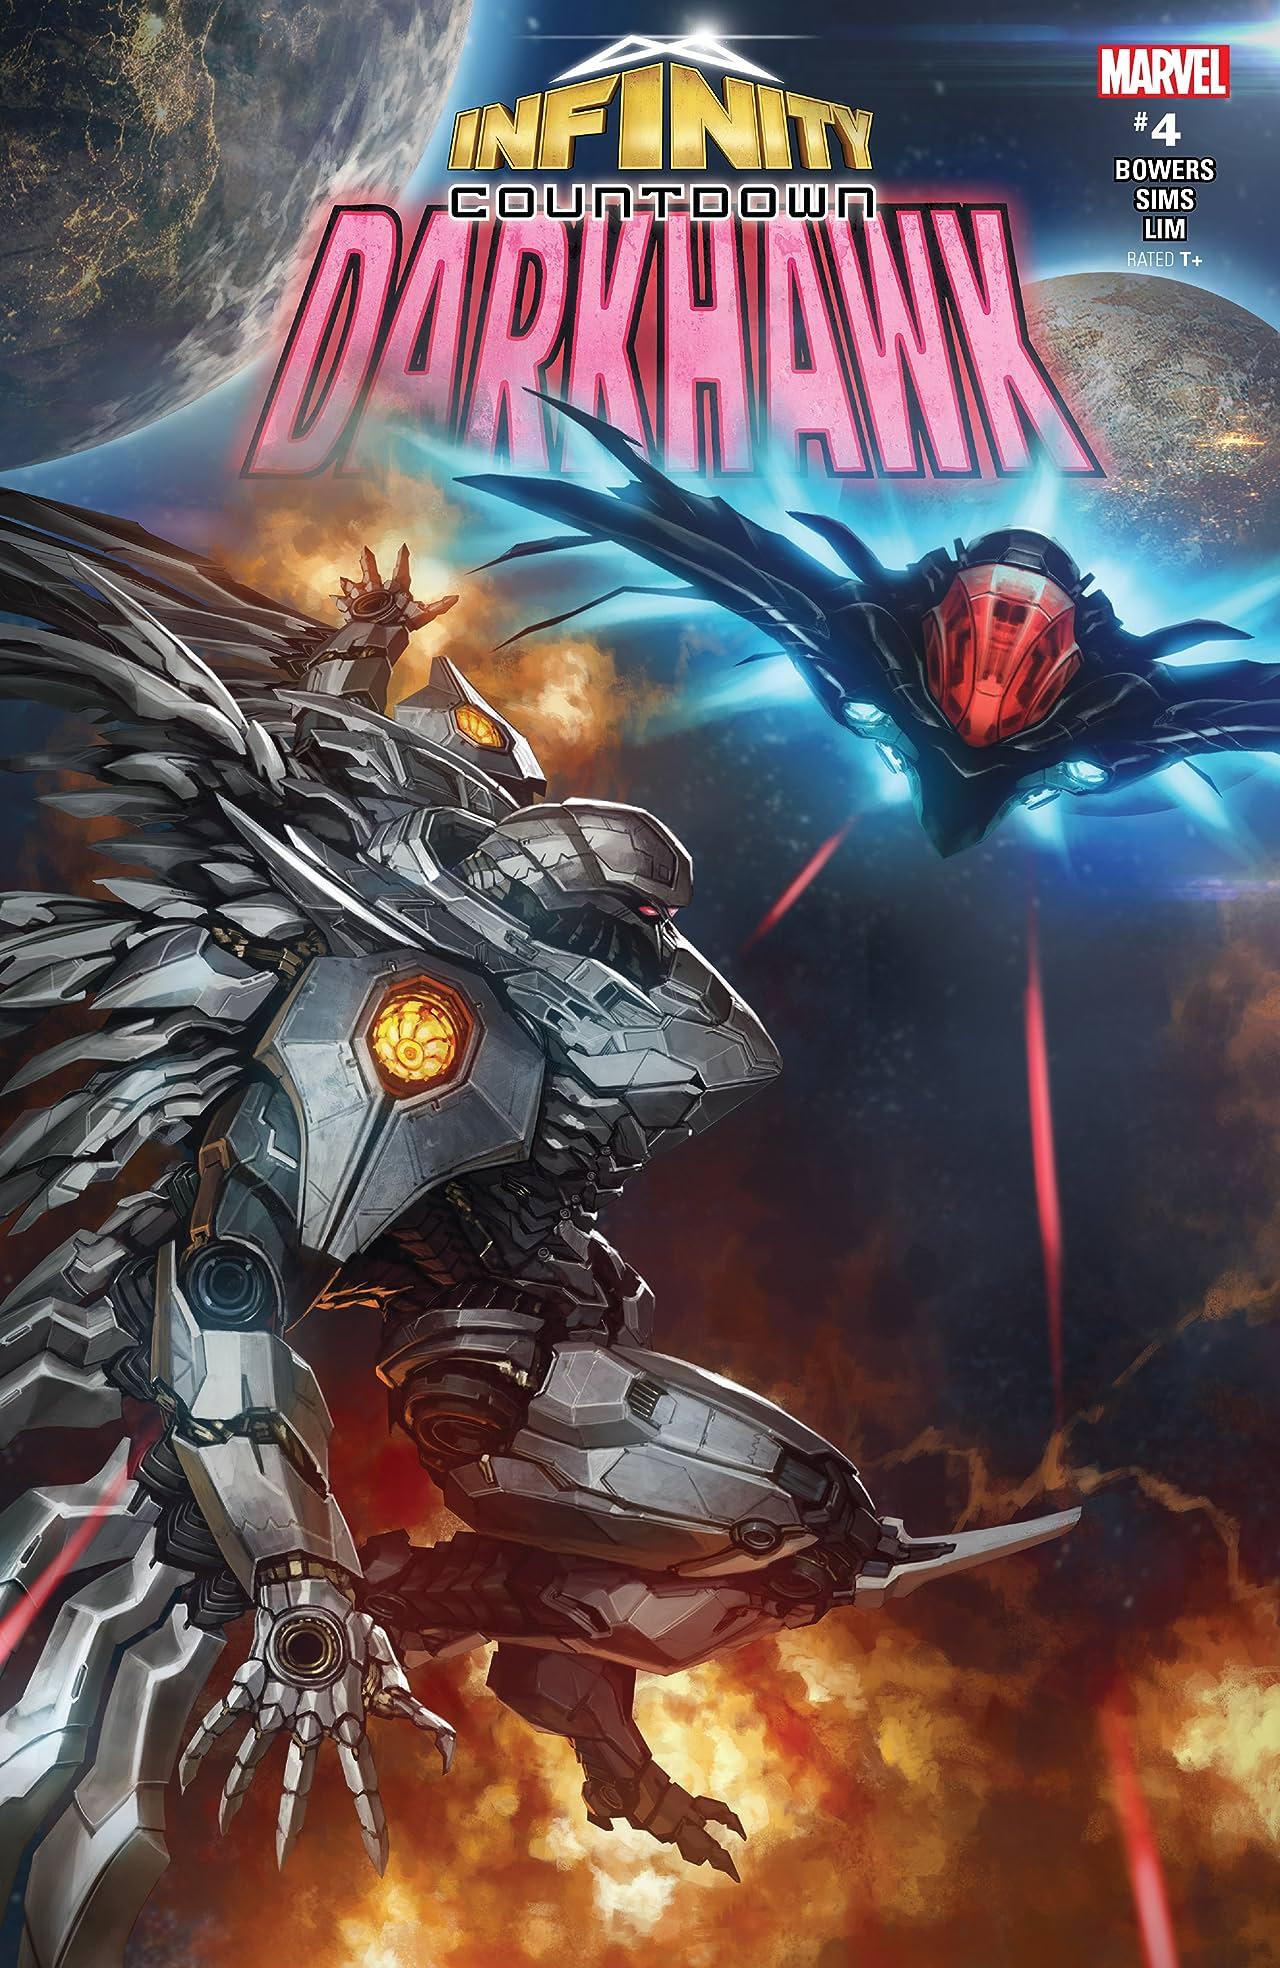 Infinity Countdown: Darkhawk (2018) No.4 (sur 4)